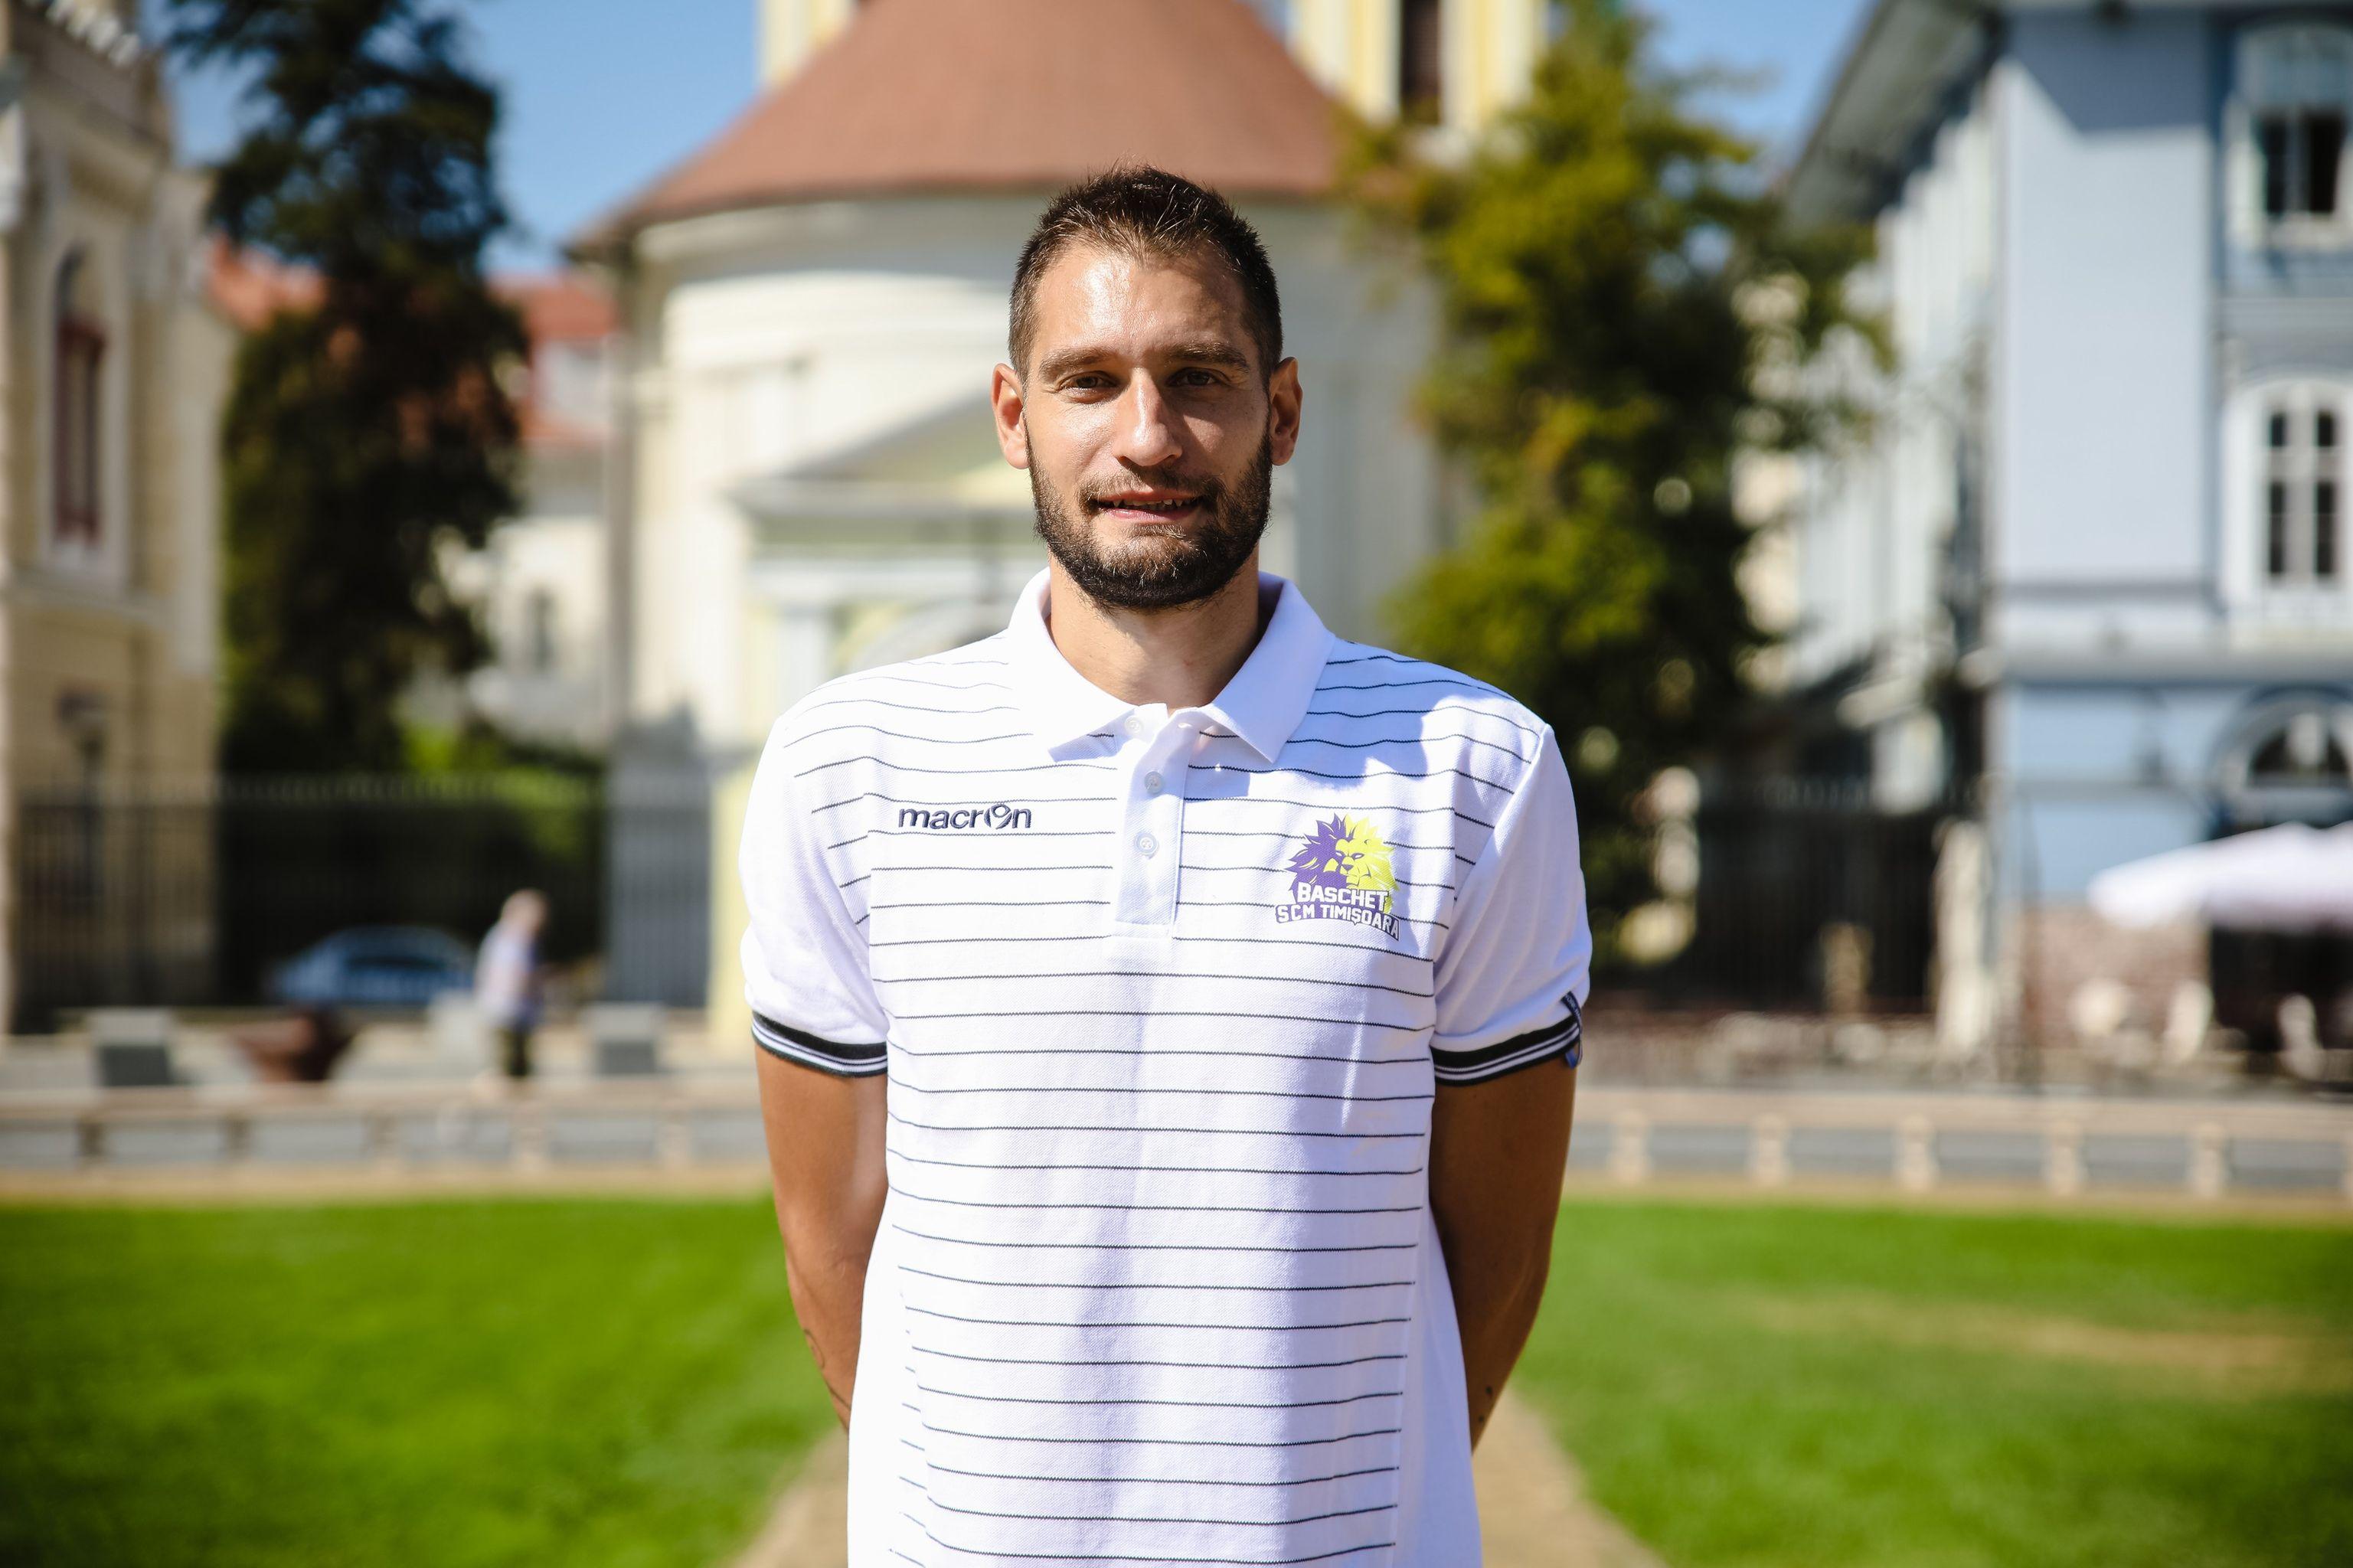 Igor Mijajlovic